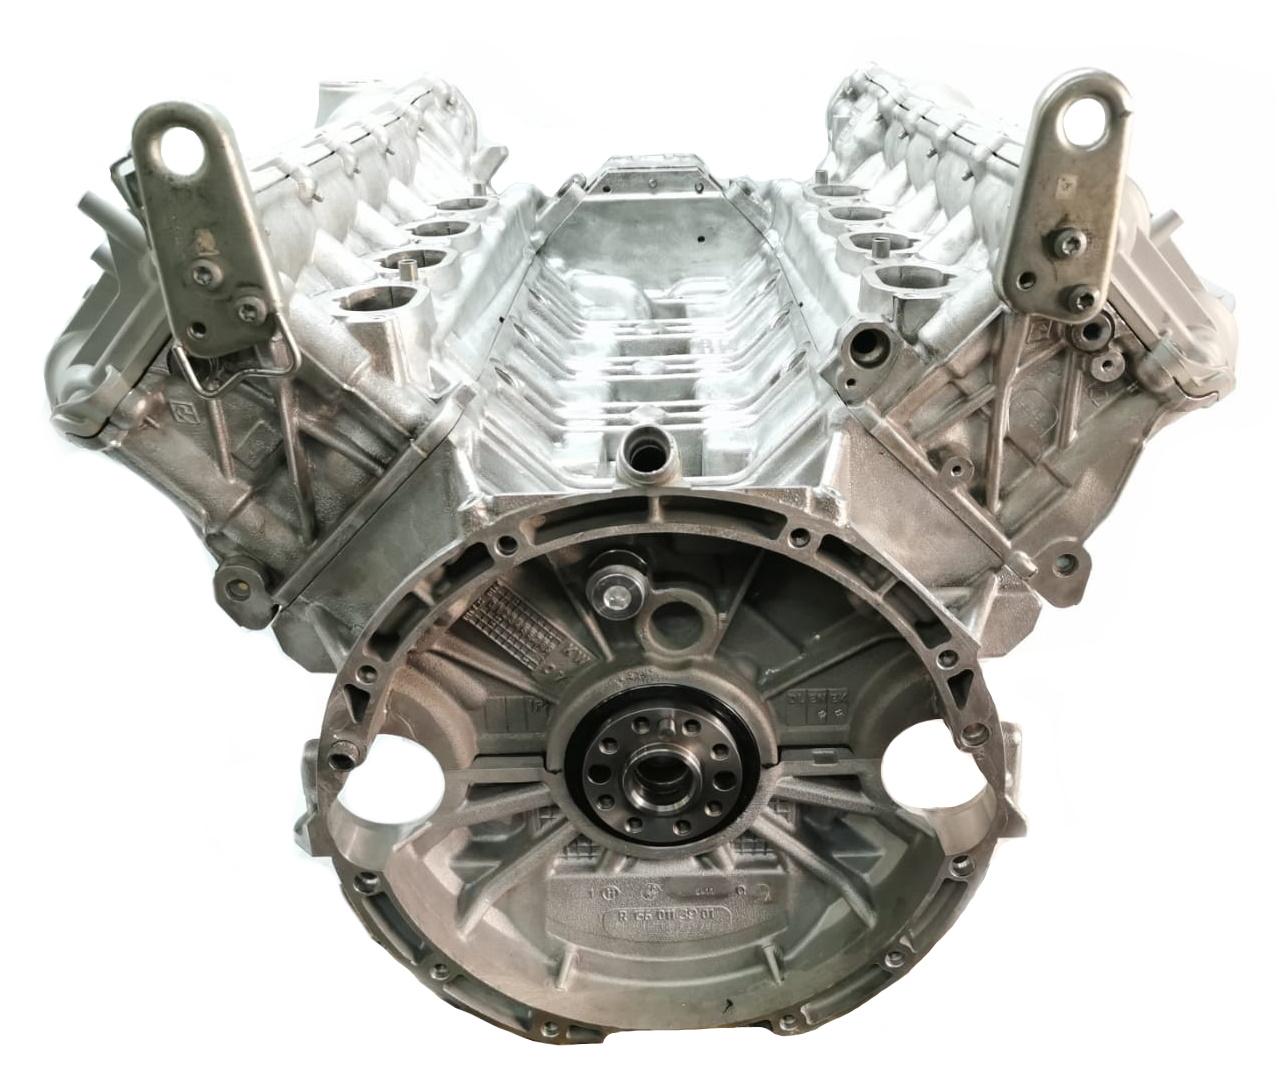 Motor 2008 Überholt Mercedes Benz M-Klasse W164 ML 63 AMG 6,2 M156 156.980